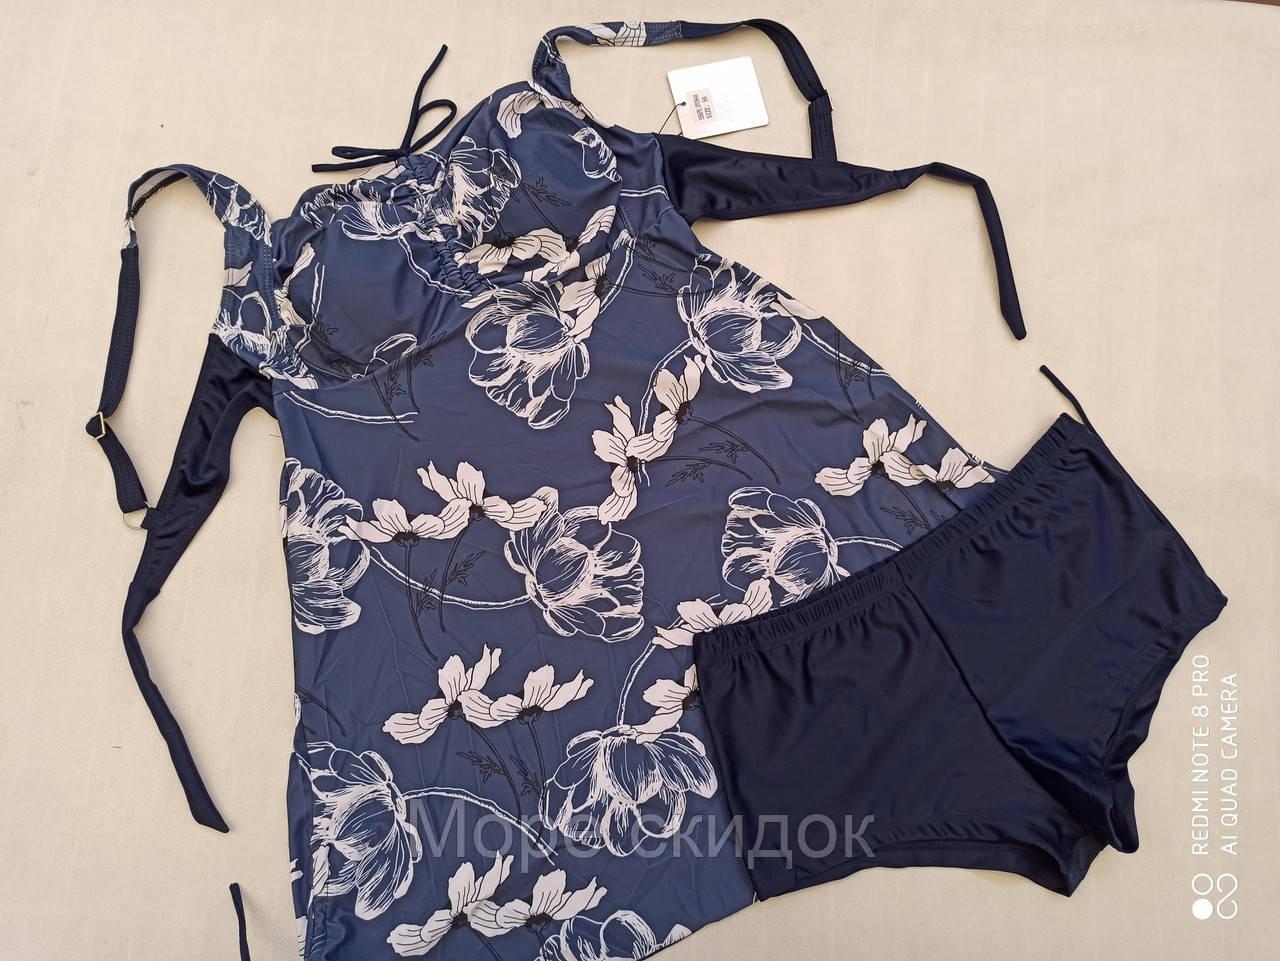 1Купальник- платье Танкини CARMELO 0946 Блеск белый(в наличии  52  56 58 размеры)